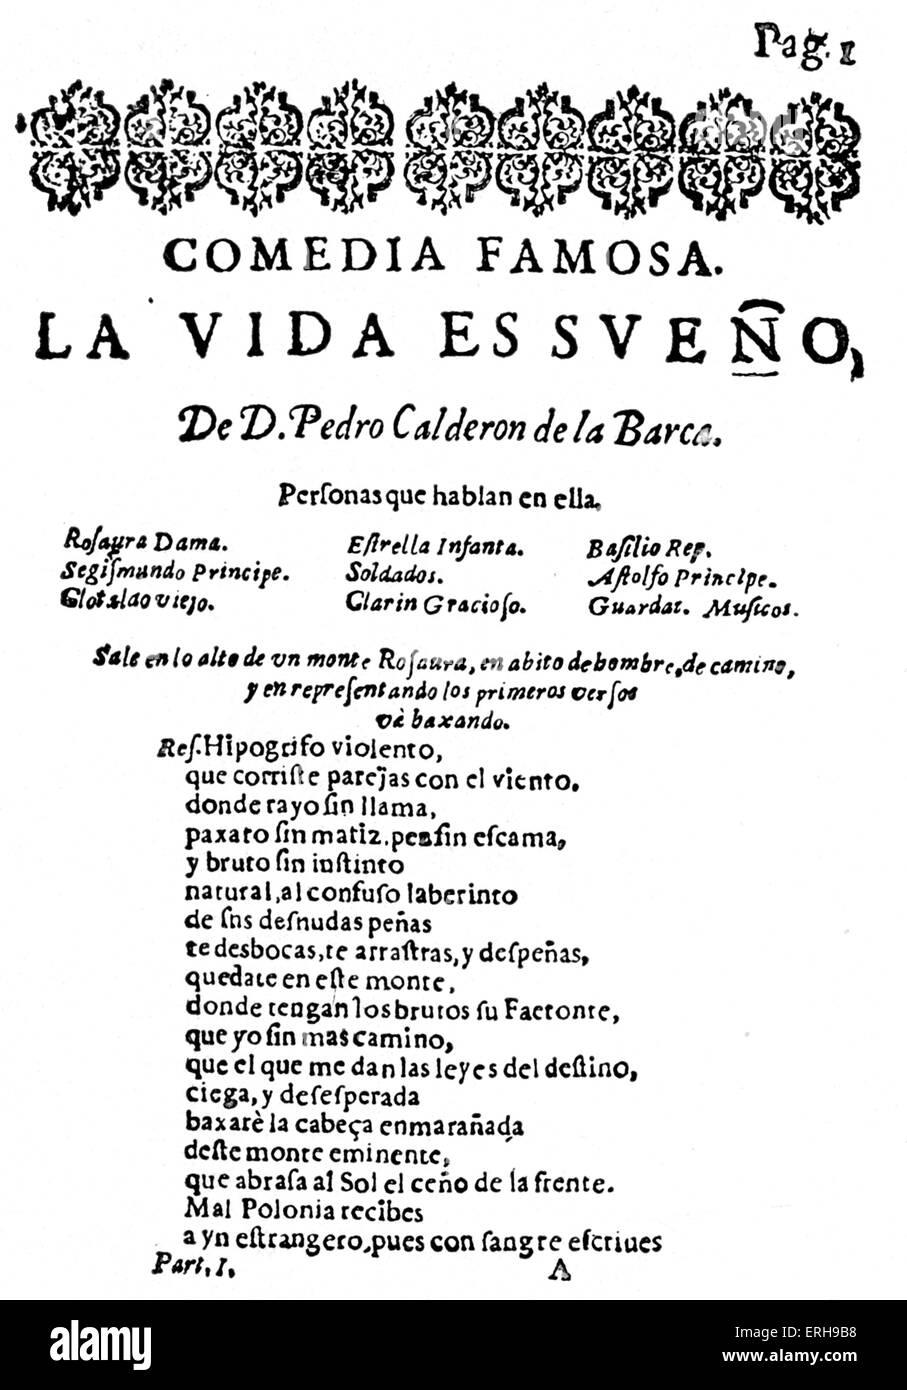 'La vida es sueno' - play by Pedro Calderón de la Barca  - first page of the first edition, 1640. Published - Stock Image